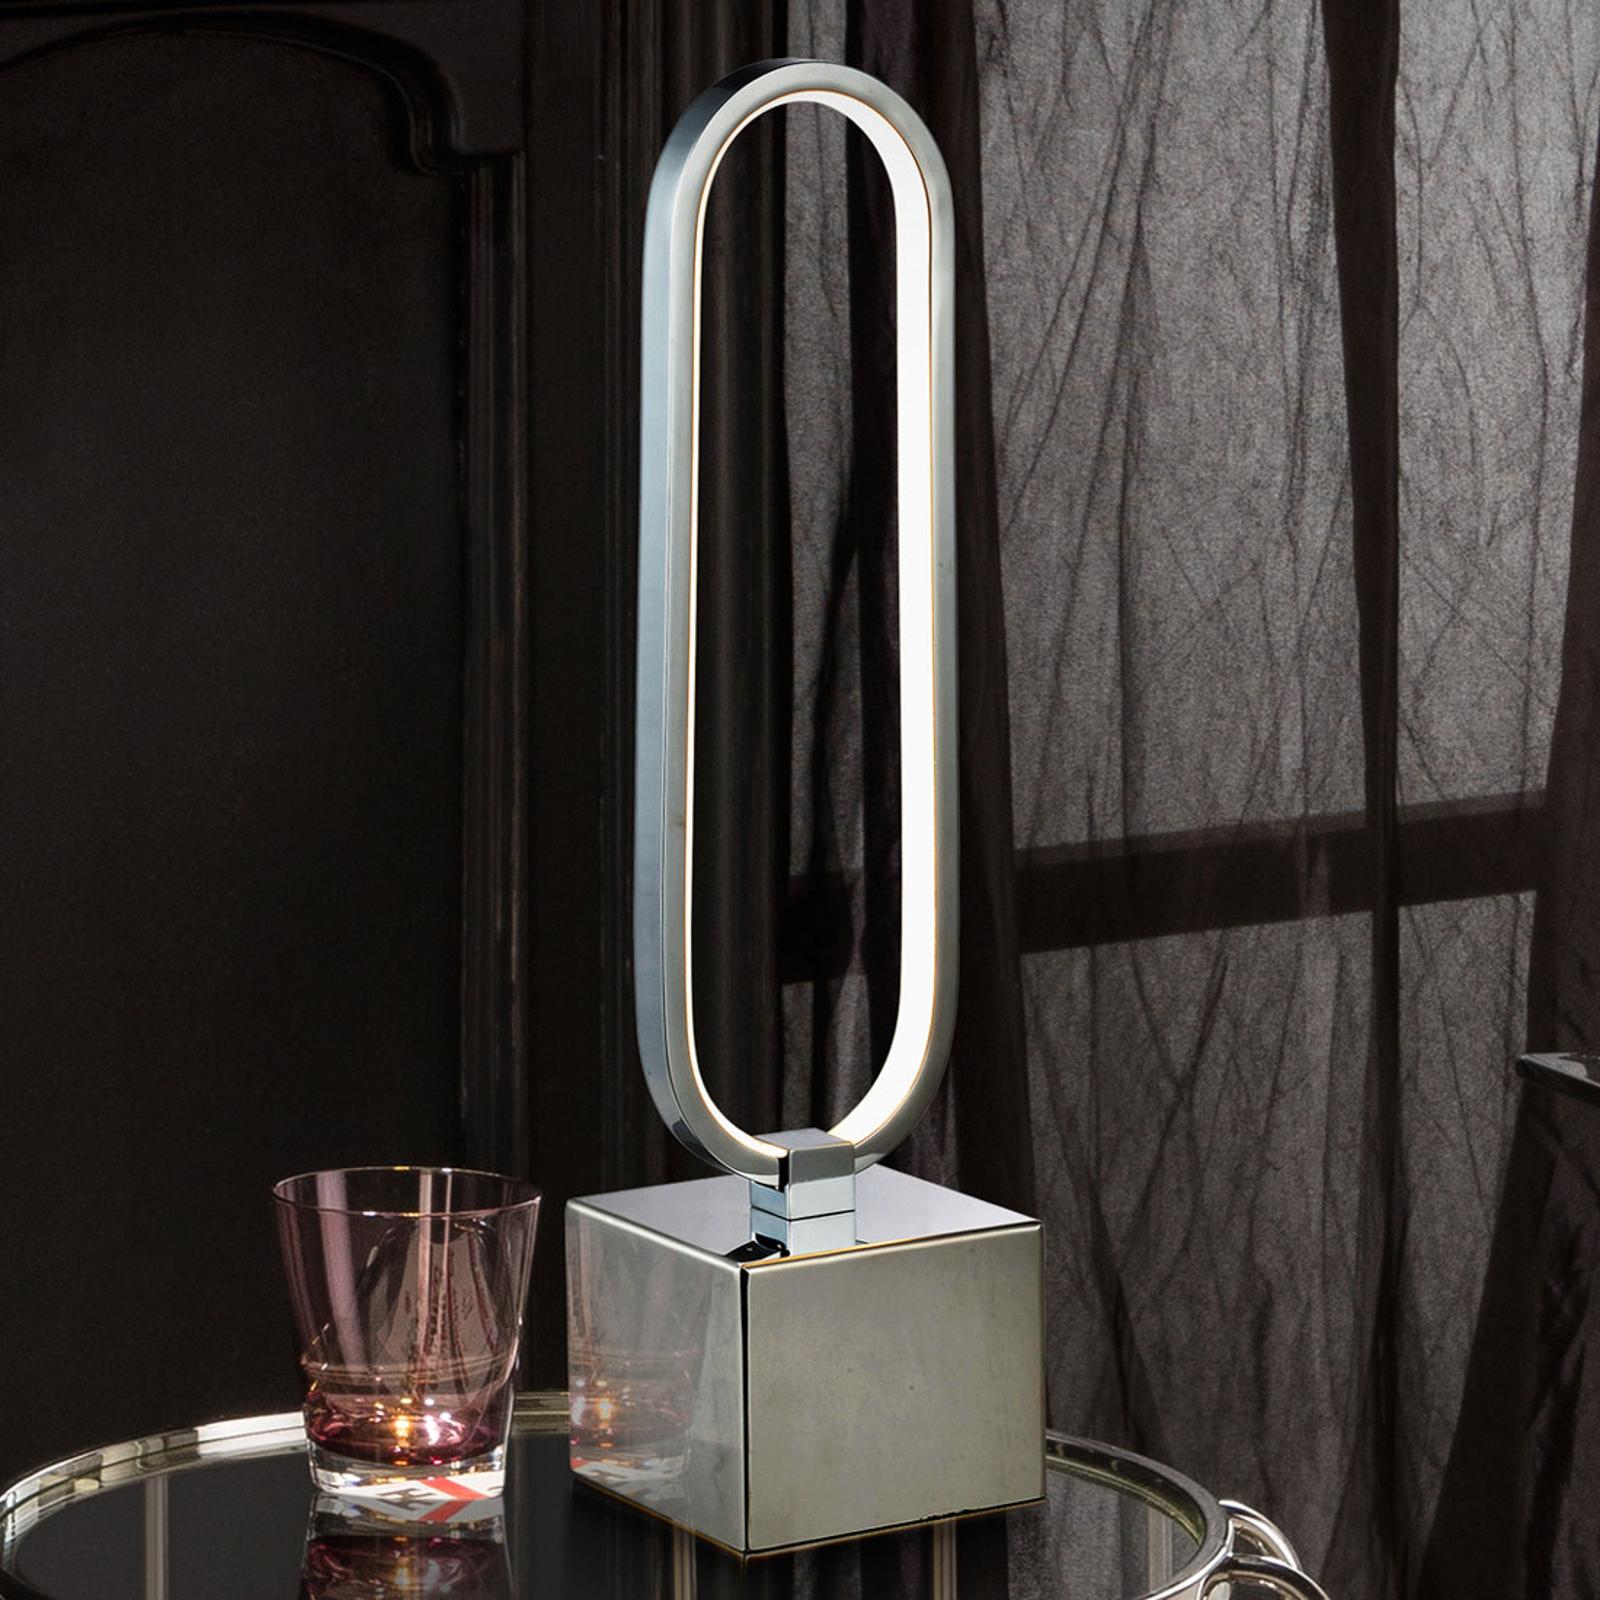 LED tafellamp Colette in prachtig ontwerp, chroom